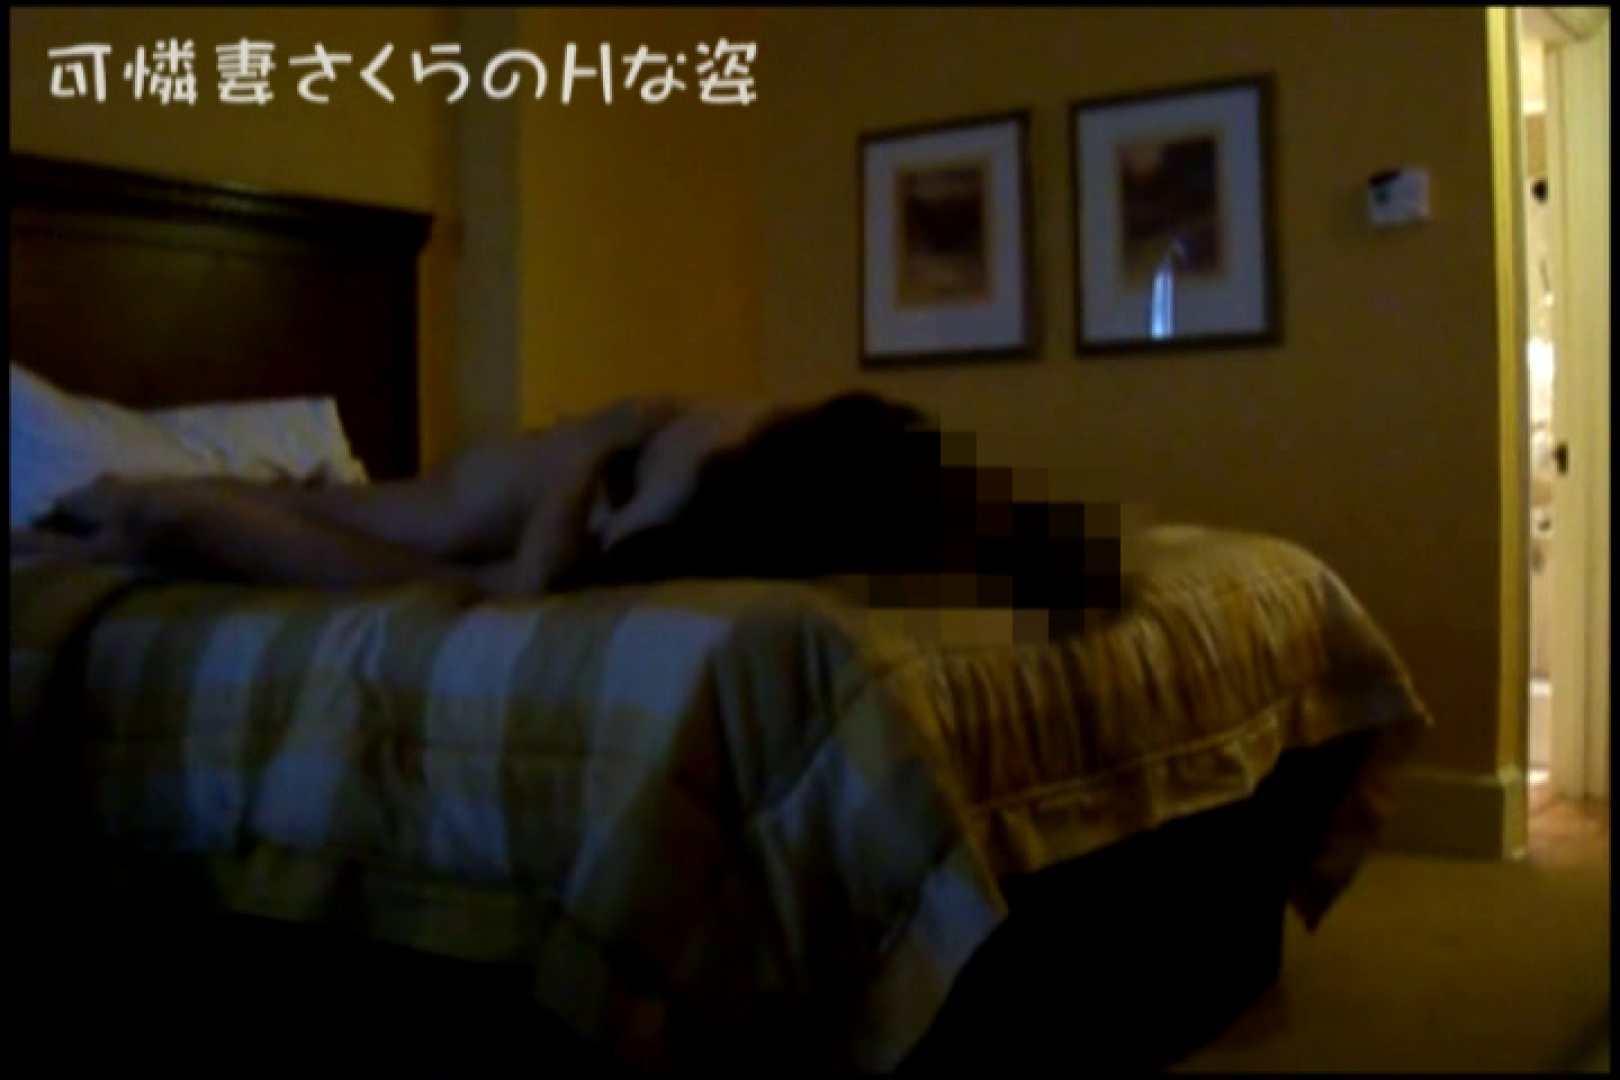 可憐妻さくらのHな姿vol.9後編 熟女の裸体 | OL裸体  106画像 23